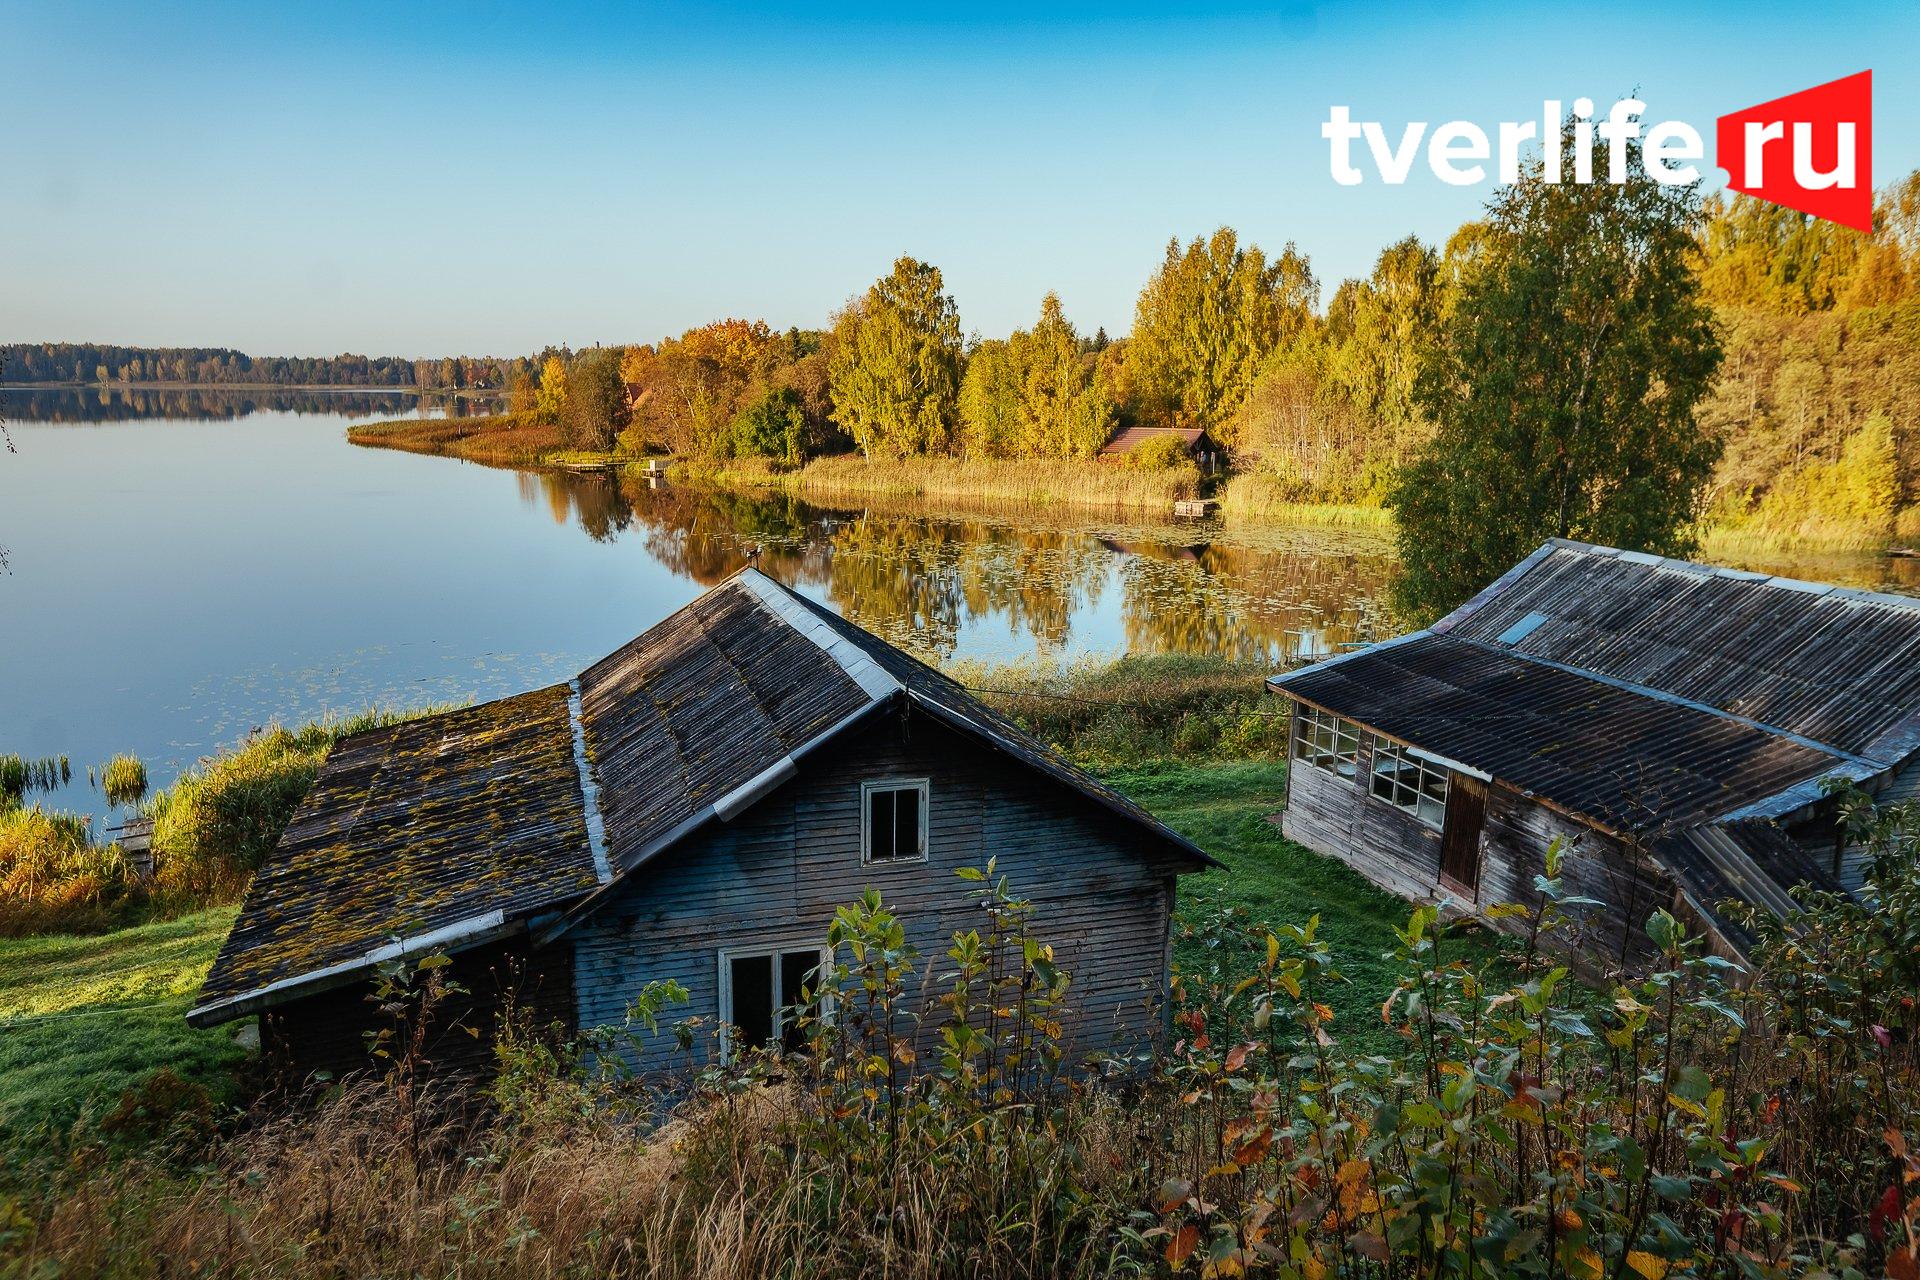 Золотая осень, золотая: разнообразие осенних красок Тверской области